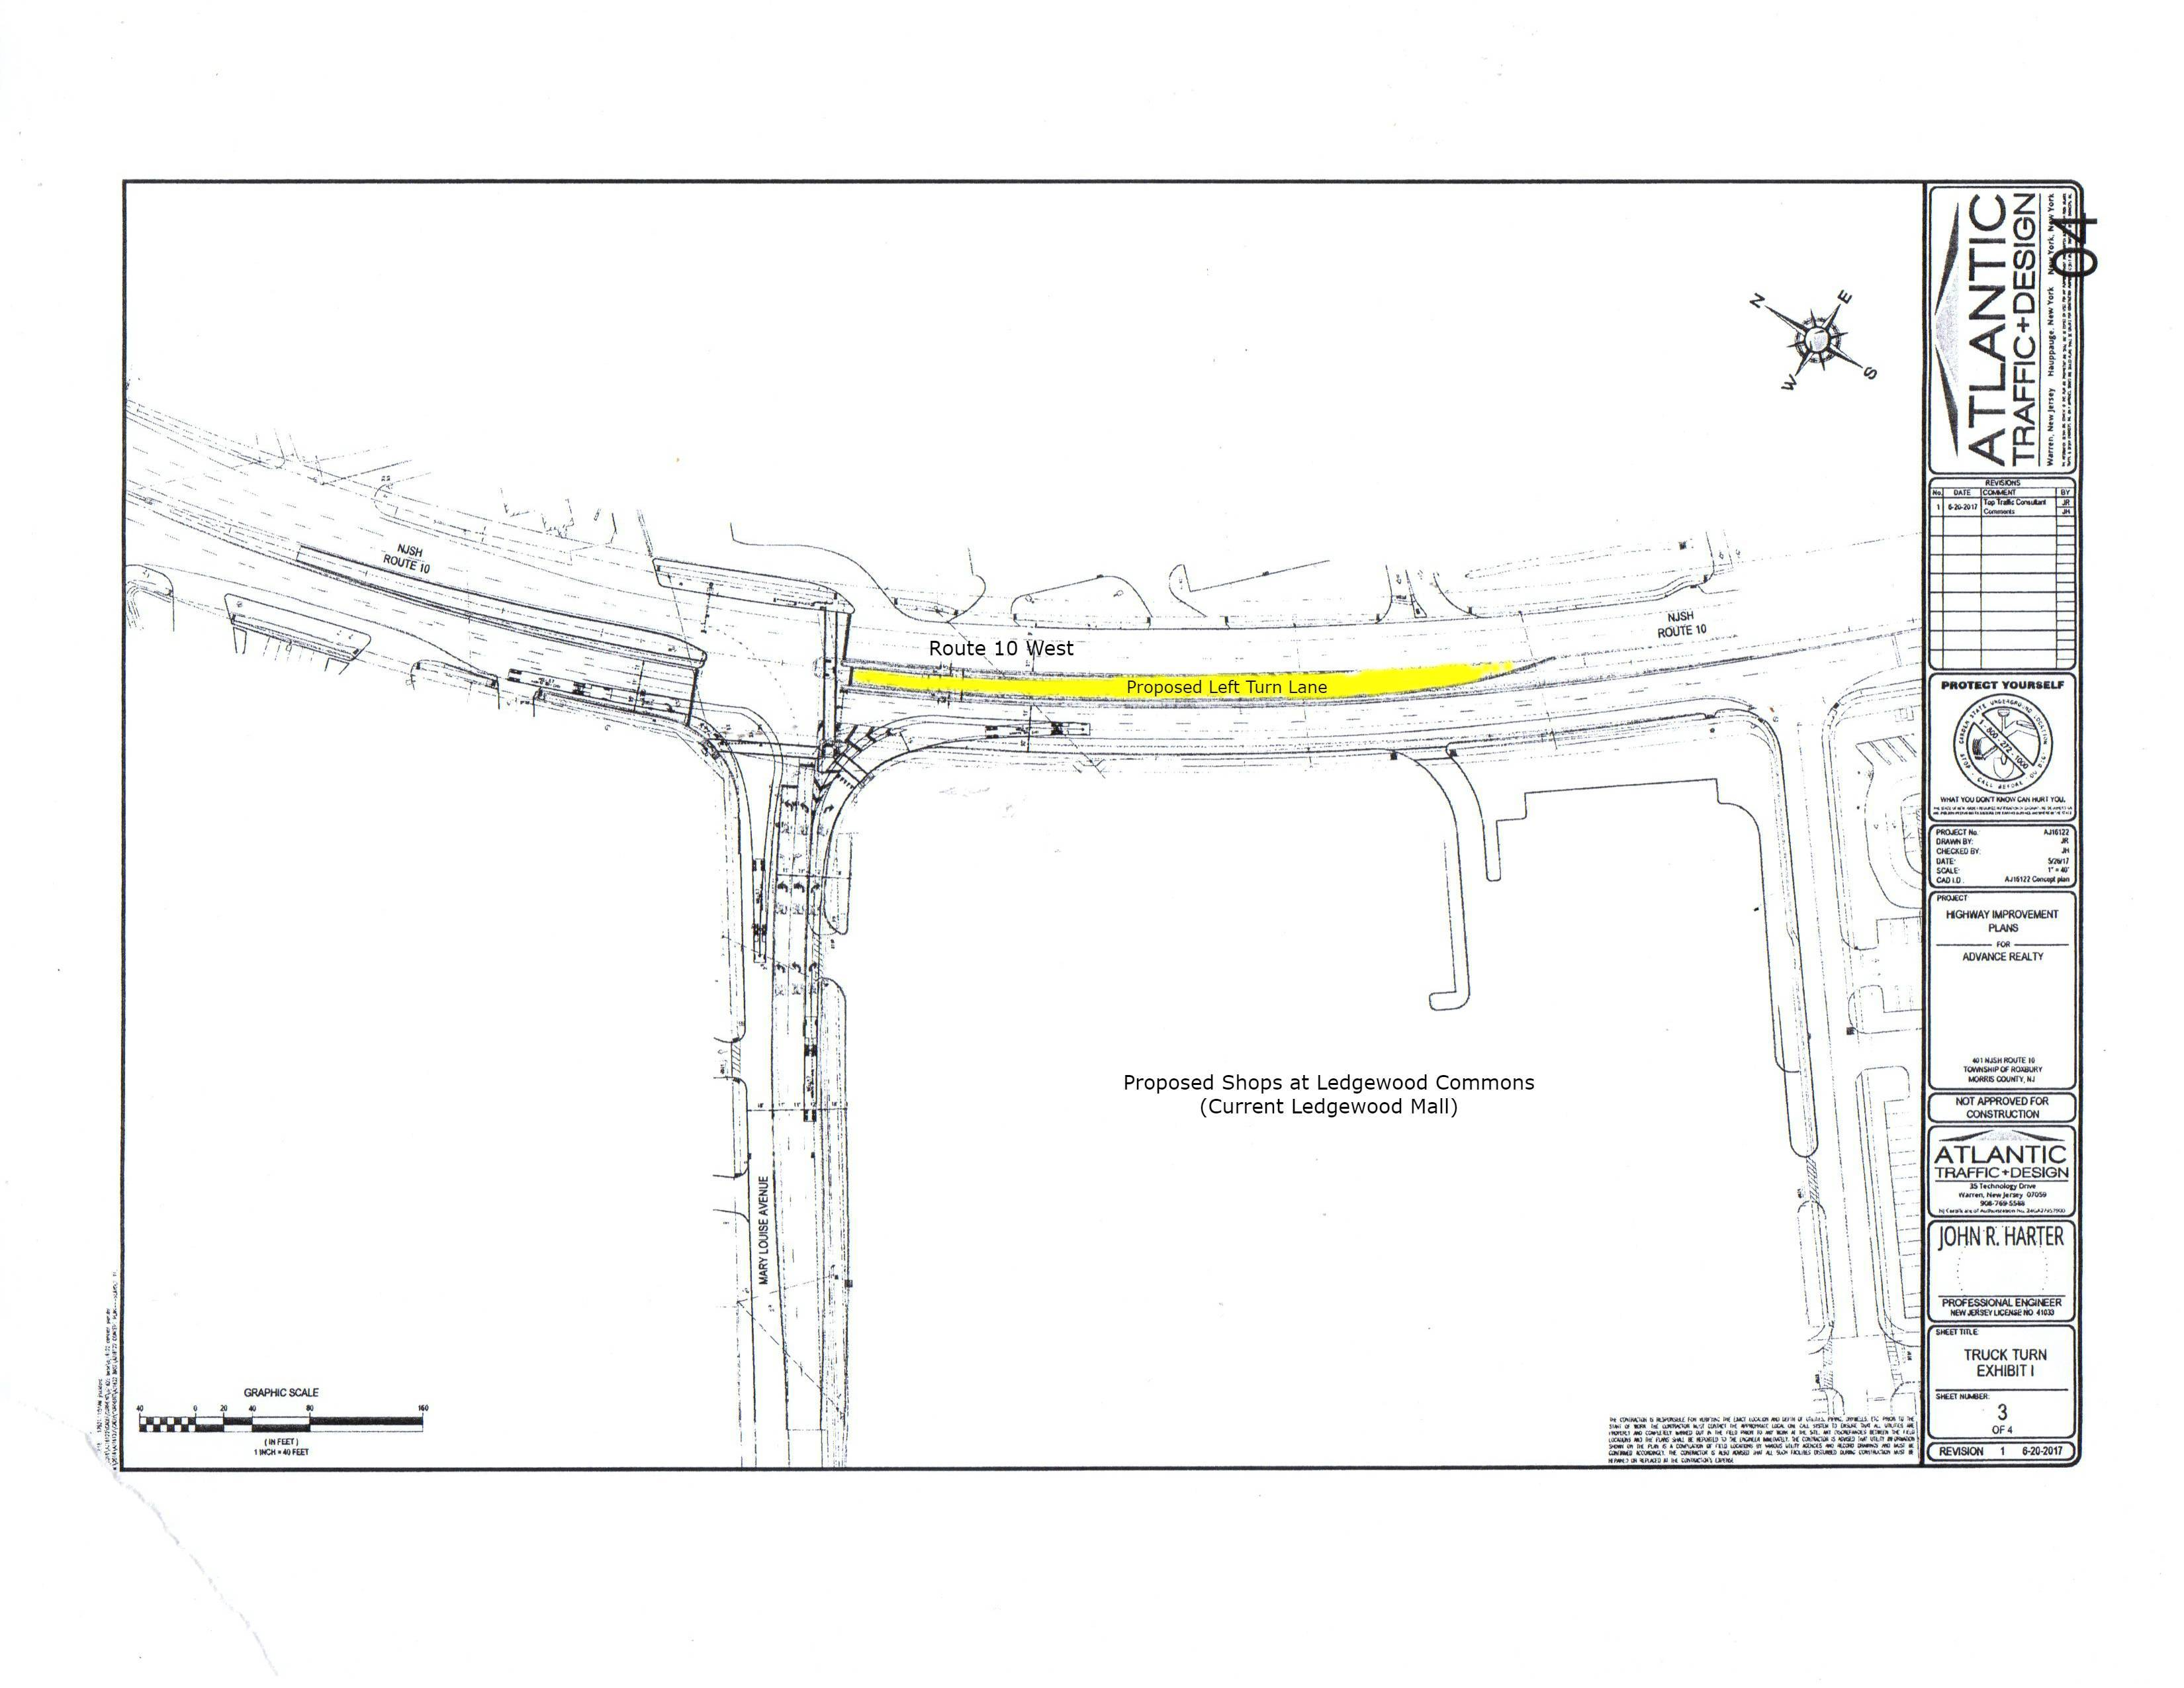 dc38e5a914cba373c7be_f5d04c001e514f8e919b_Left_Turn_Diagram.jpg